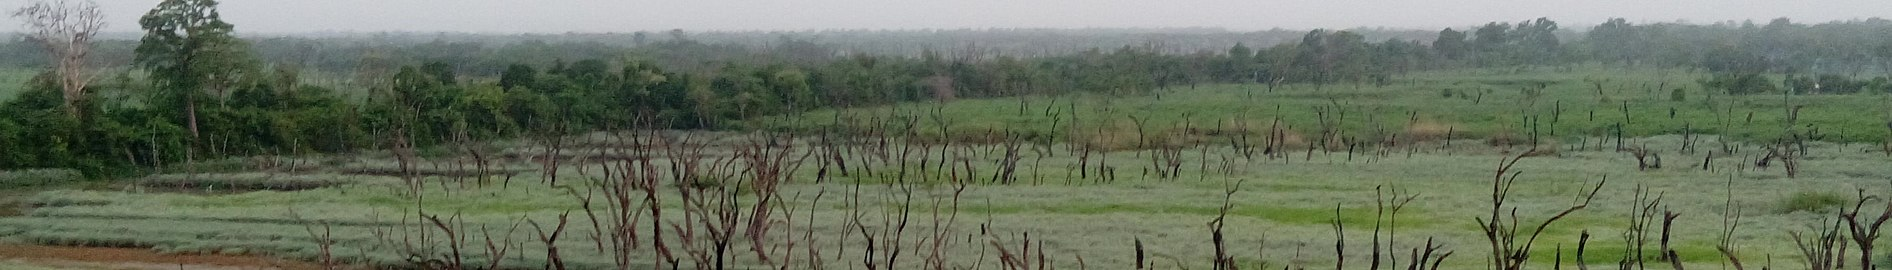 Dhudhwa Park Banner.jpg